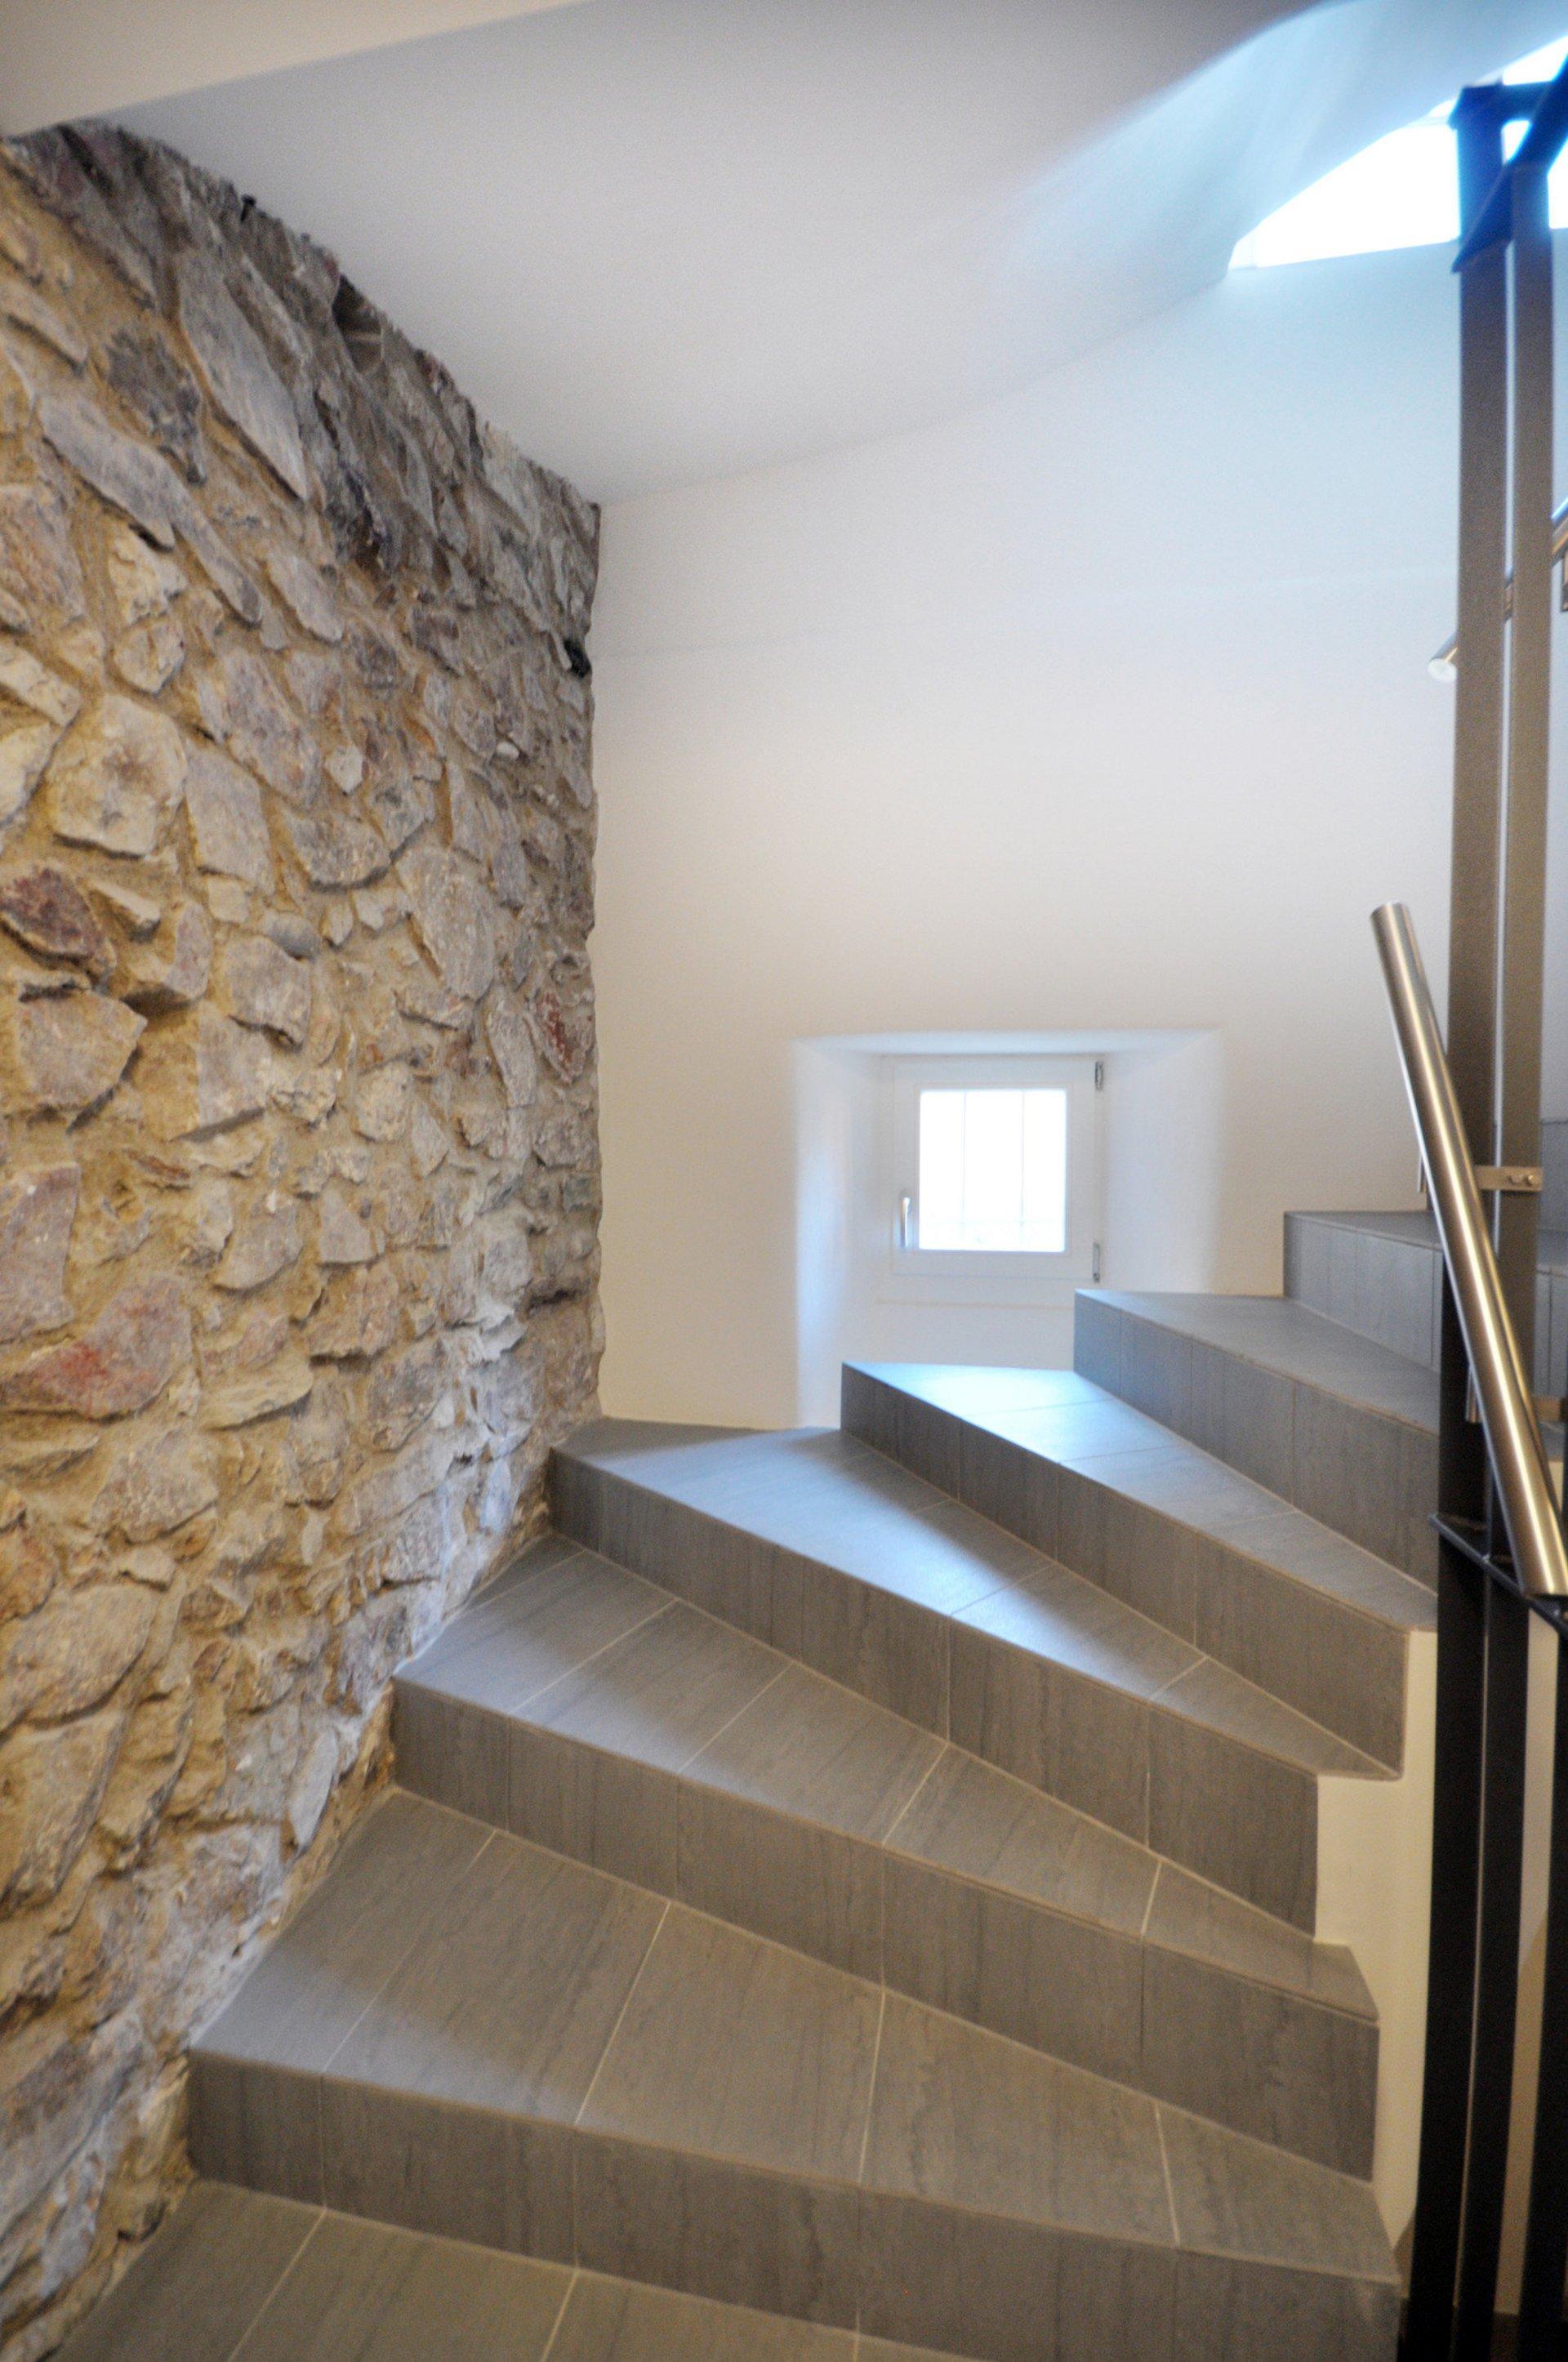 Treppe mit kleiner Fensternische und Steinwand in altem stilistischen Design